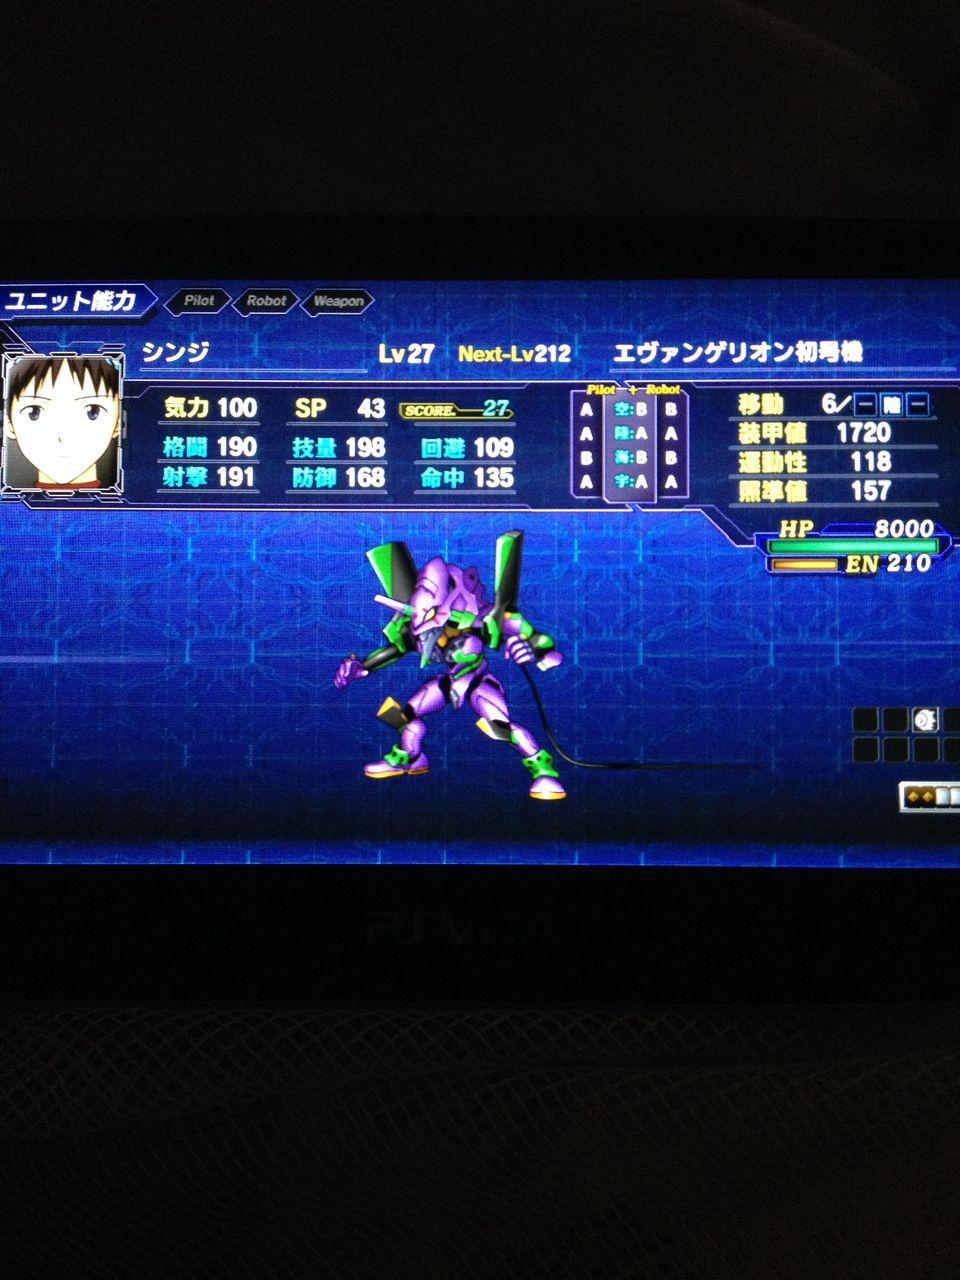 スーパーロボット大戦Vの画像 p1_34